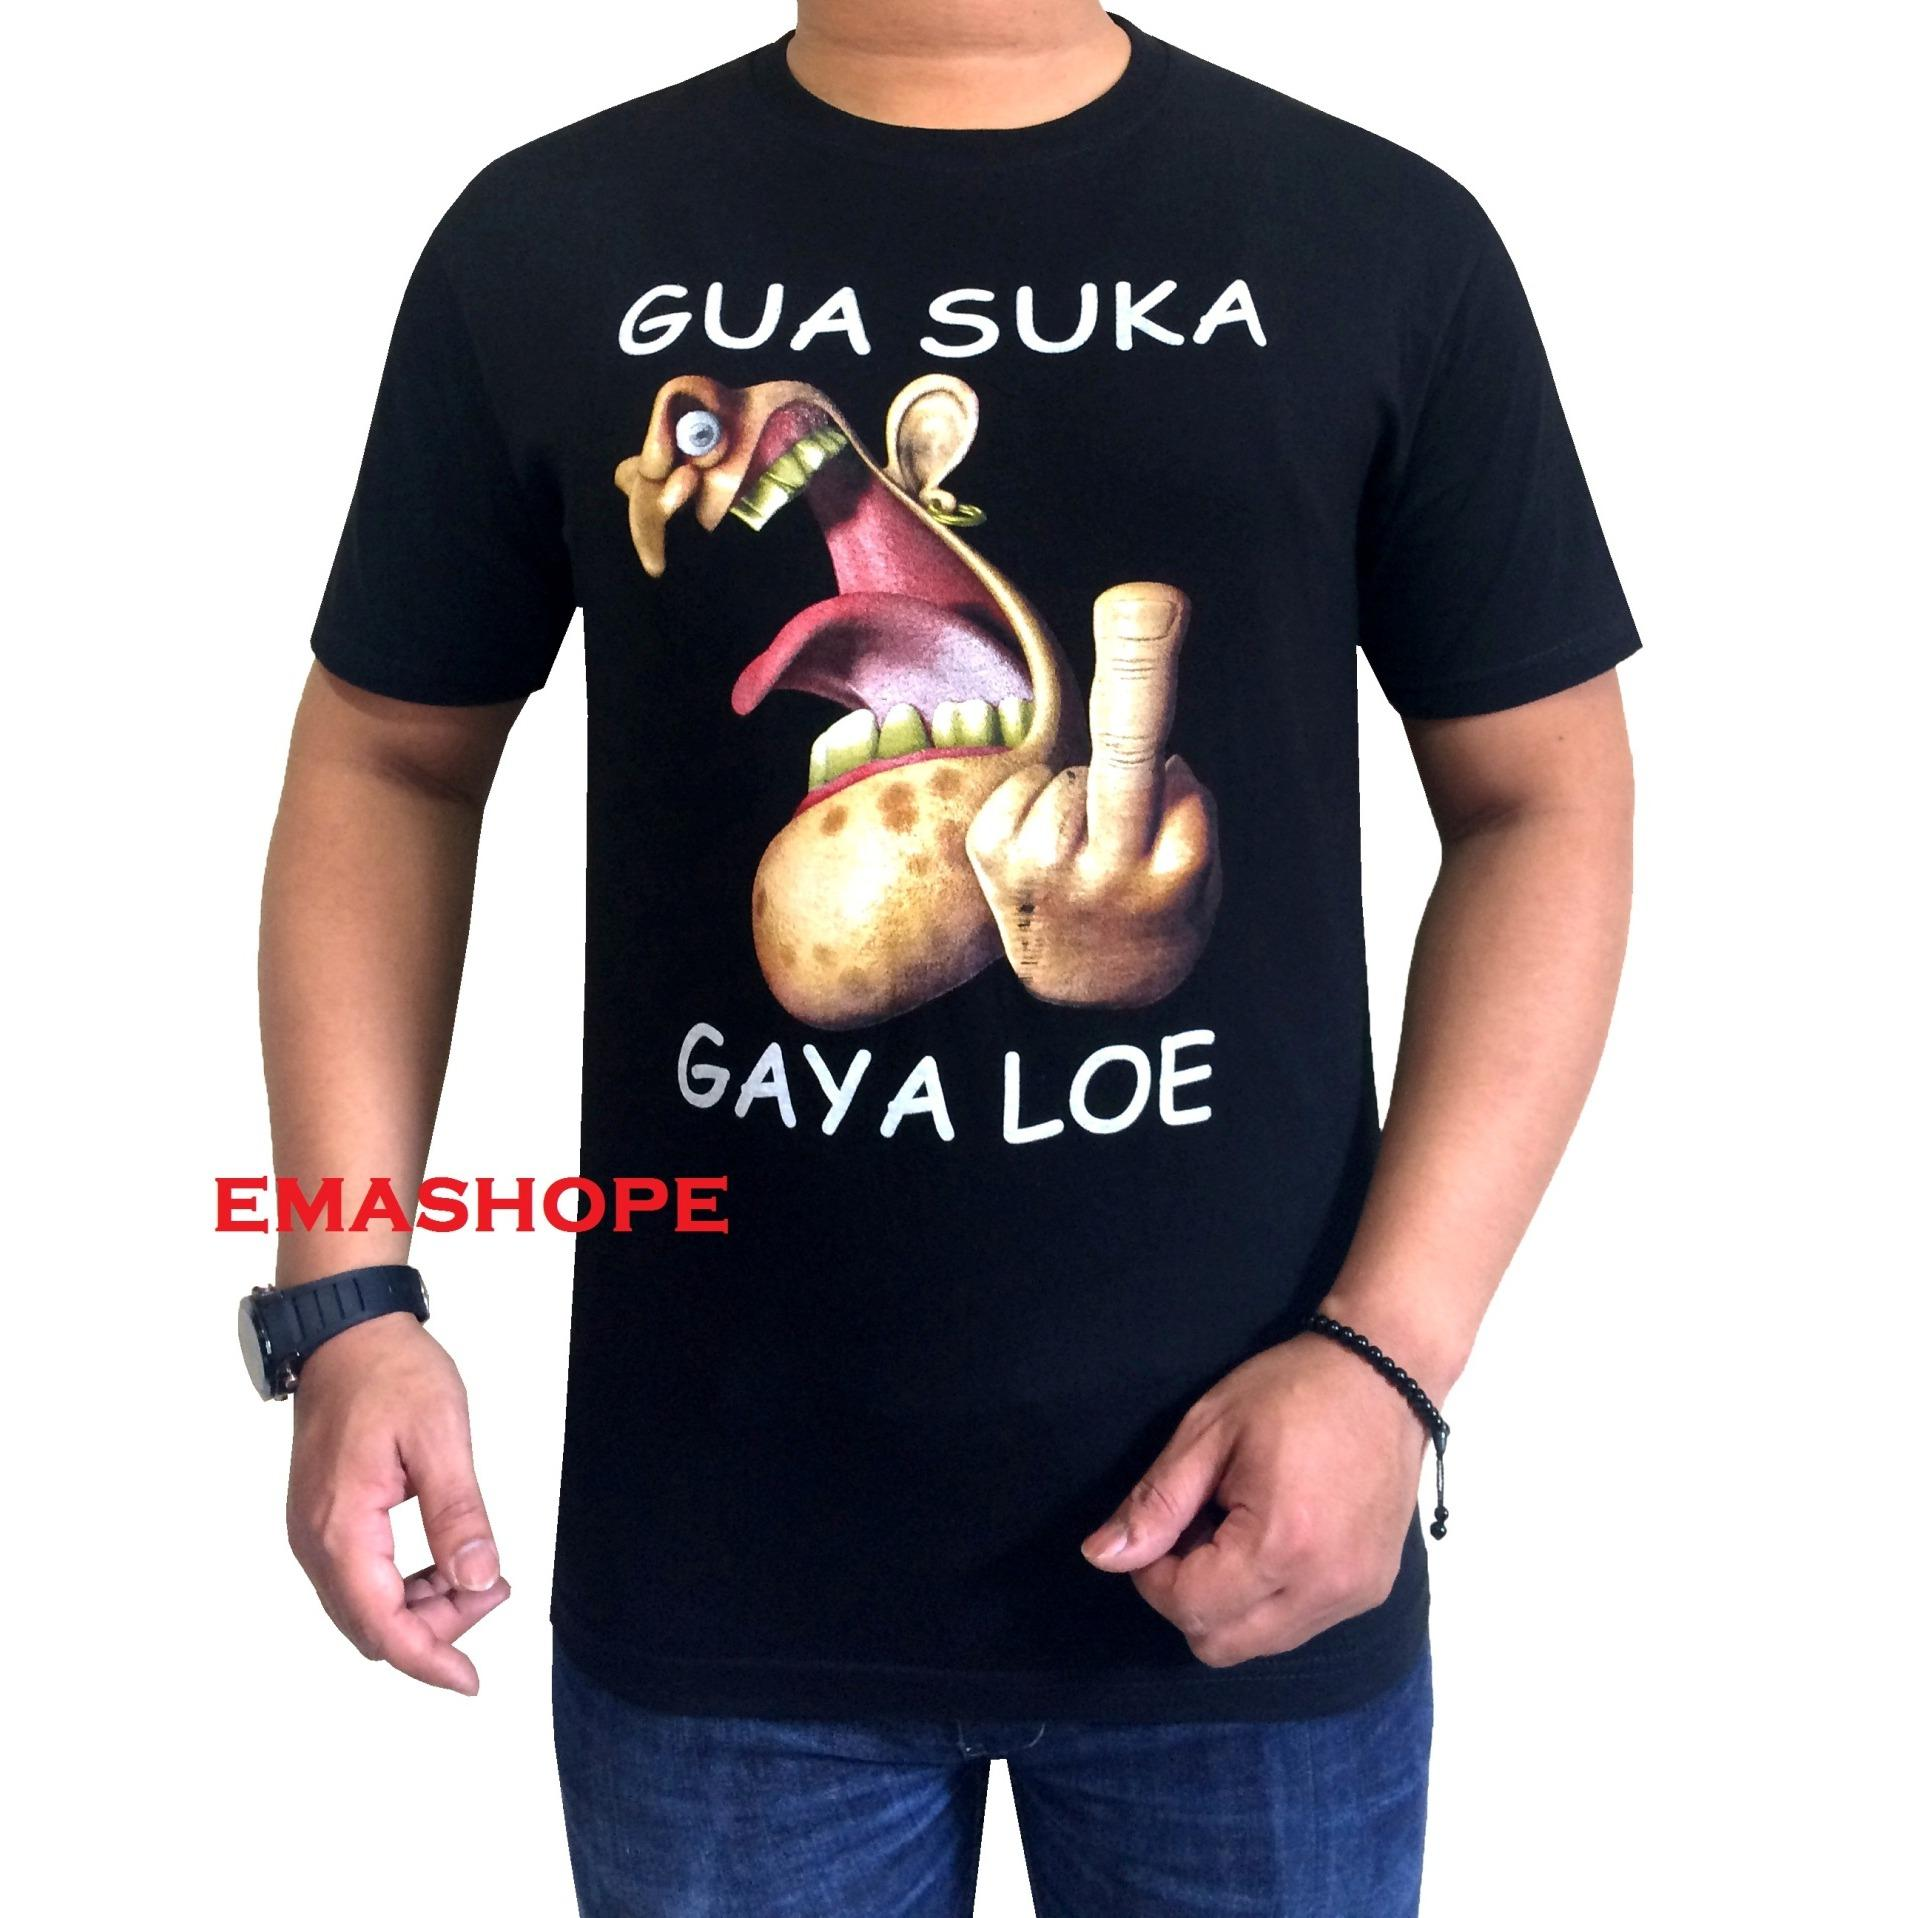 Cek Harga Baru Ema Shope Kaos Distro T Shirt Distro Atasan Pria